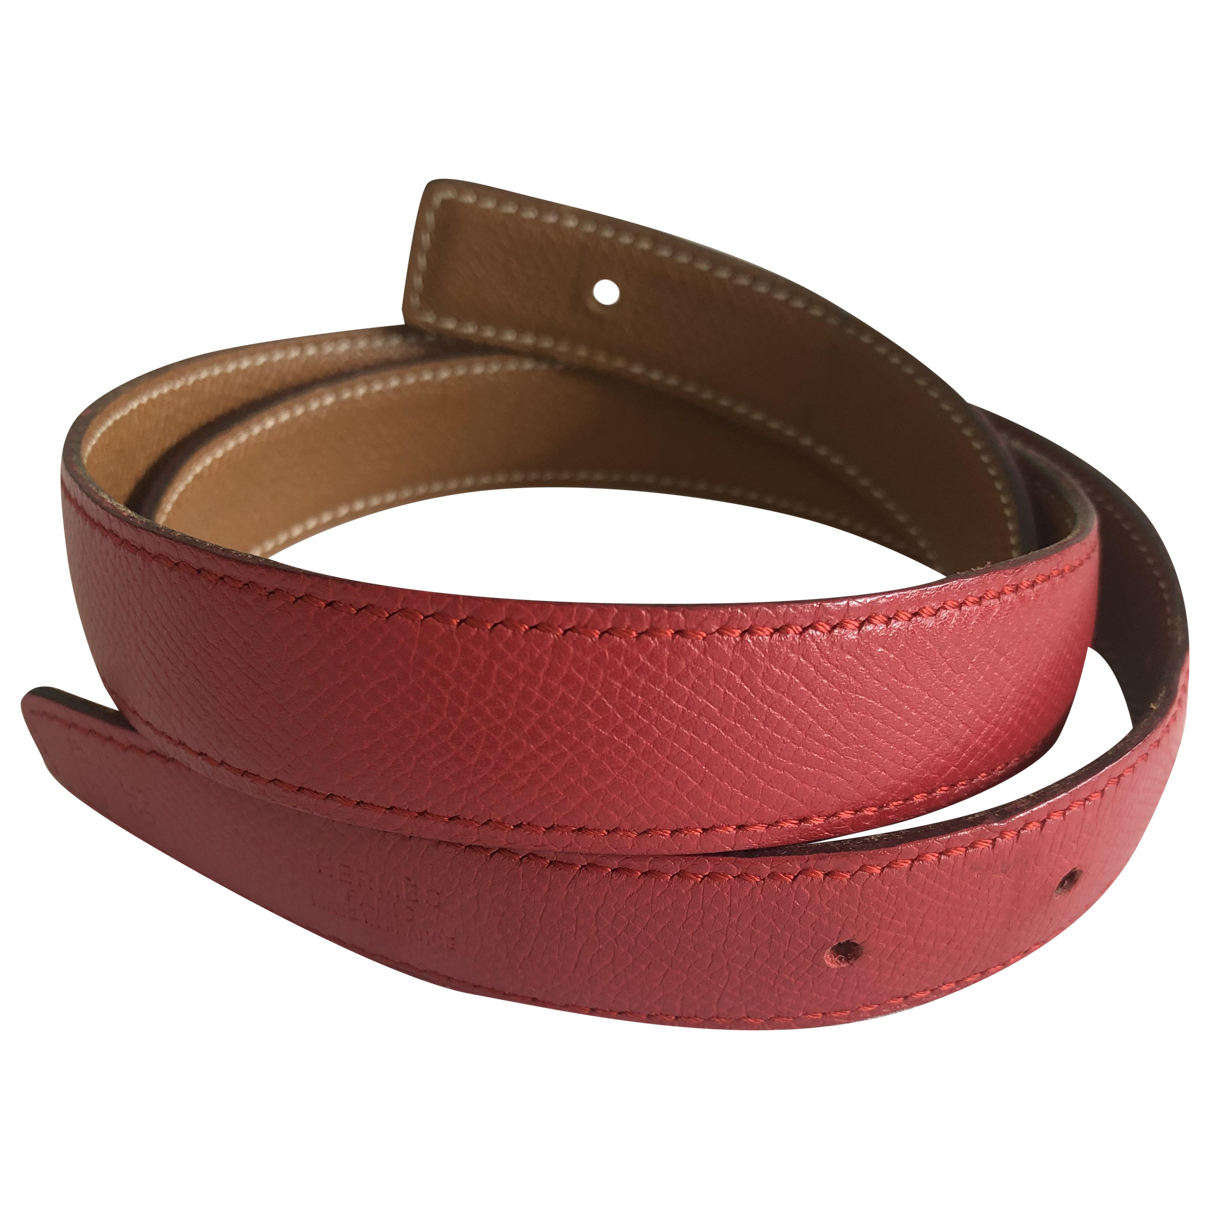 Hermès Boucle seule / Belt buckle Red Leather belt for Women 85 cm